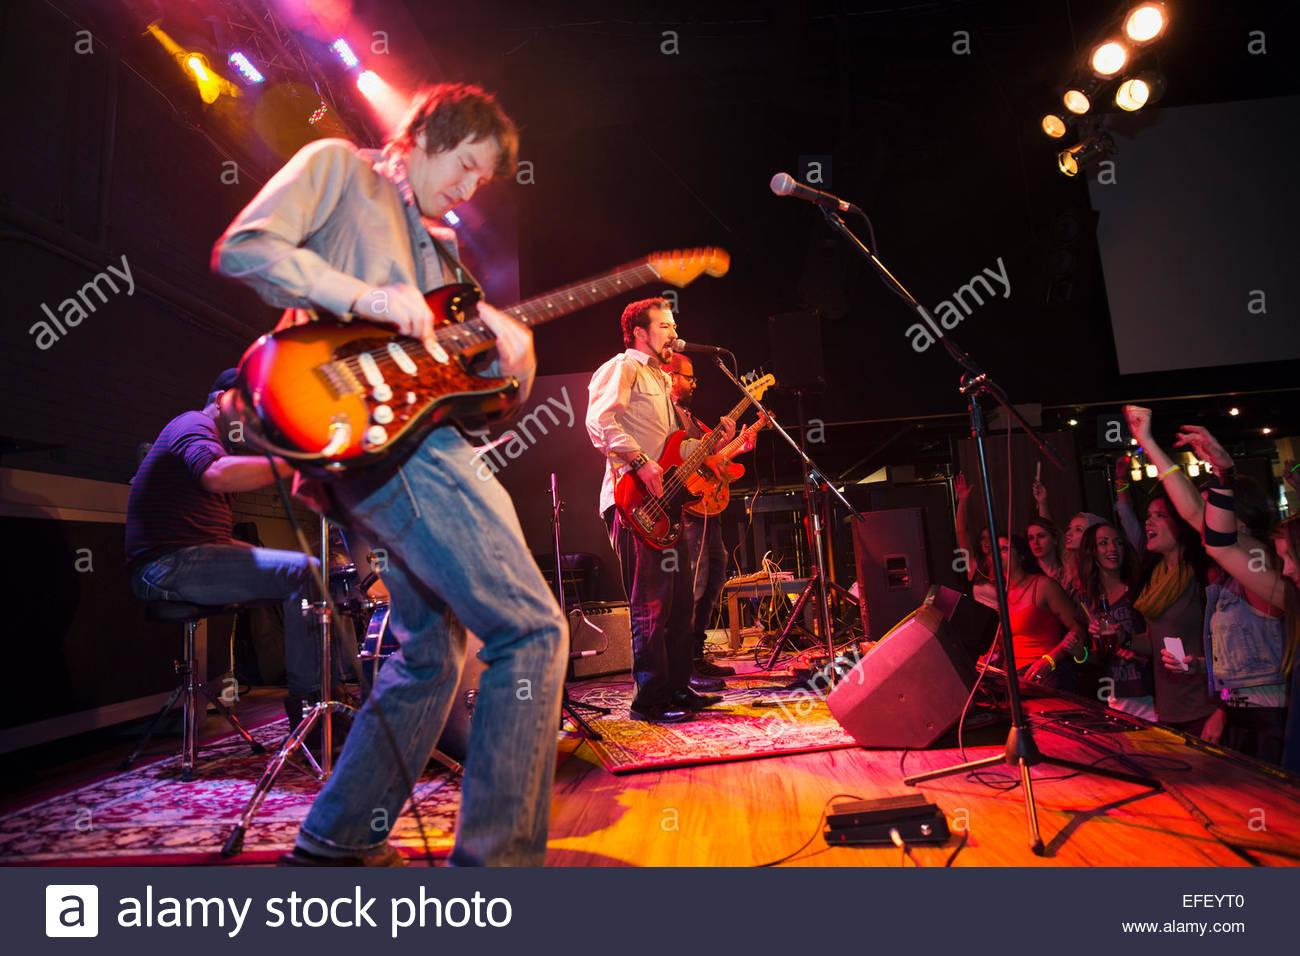 Musiciens sur scène au concert Photo Stock